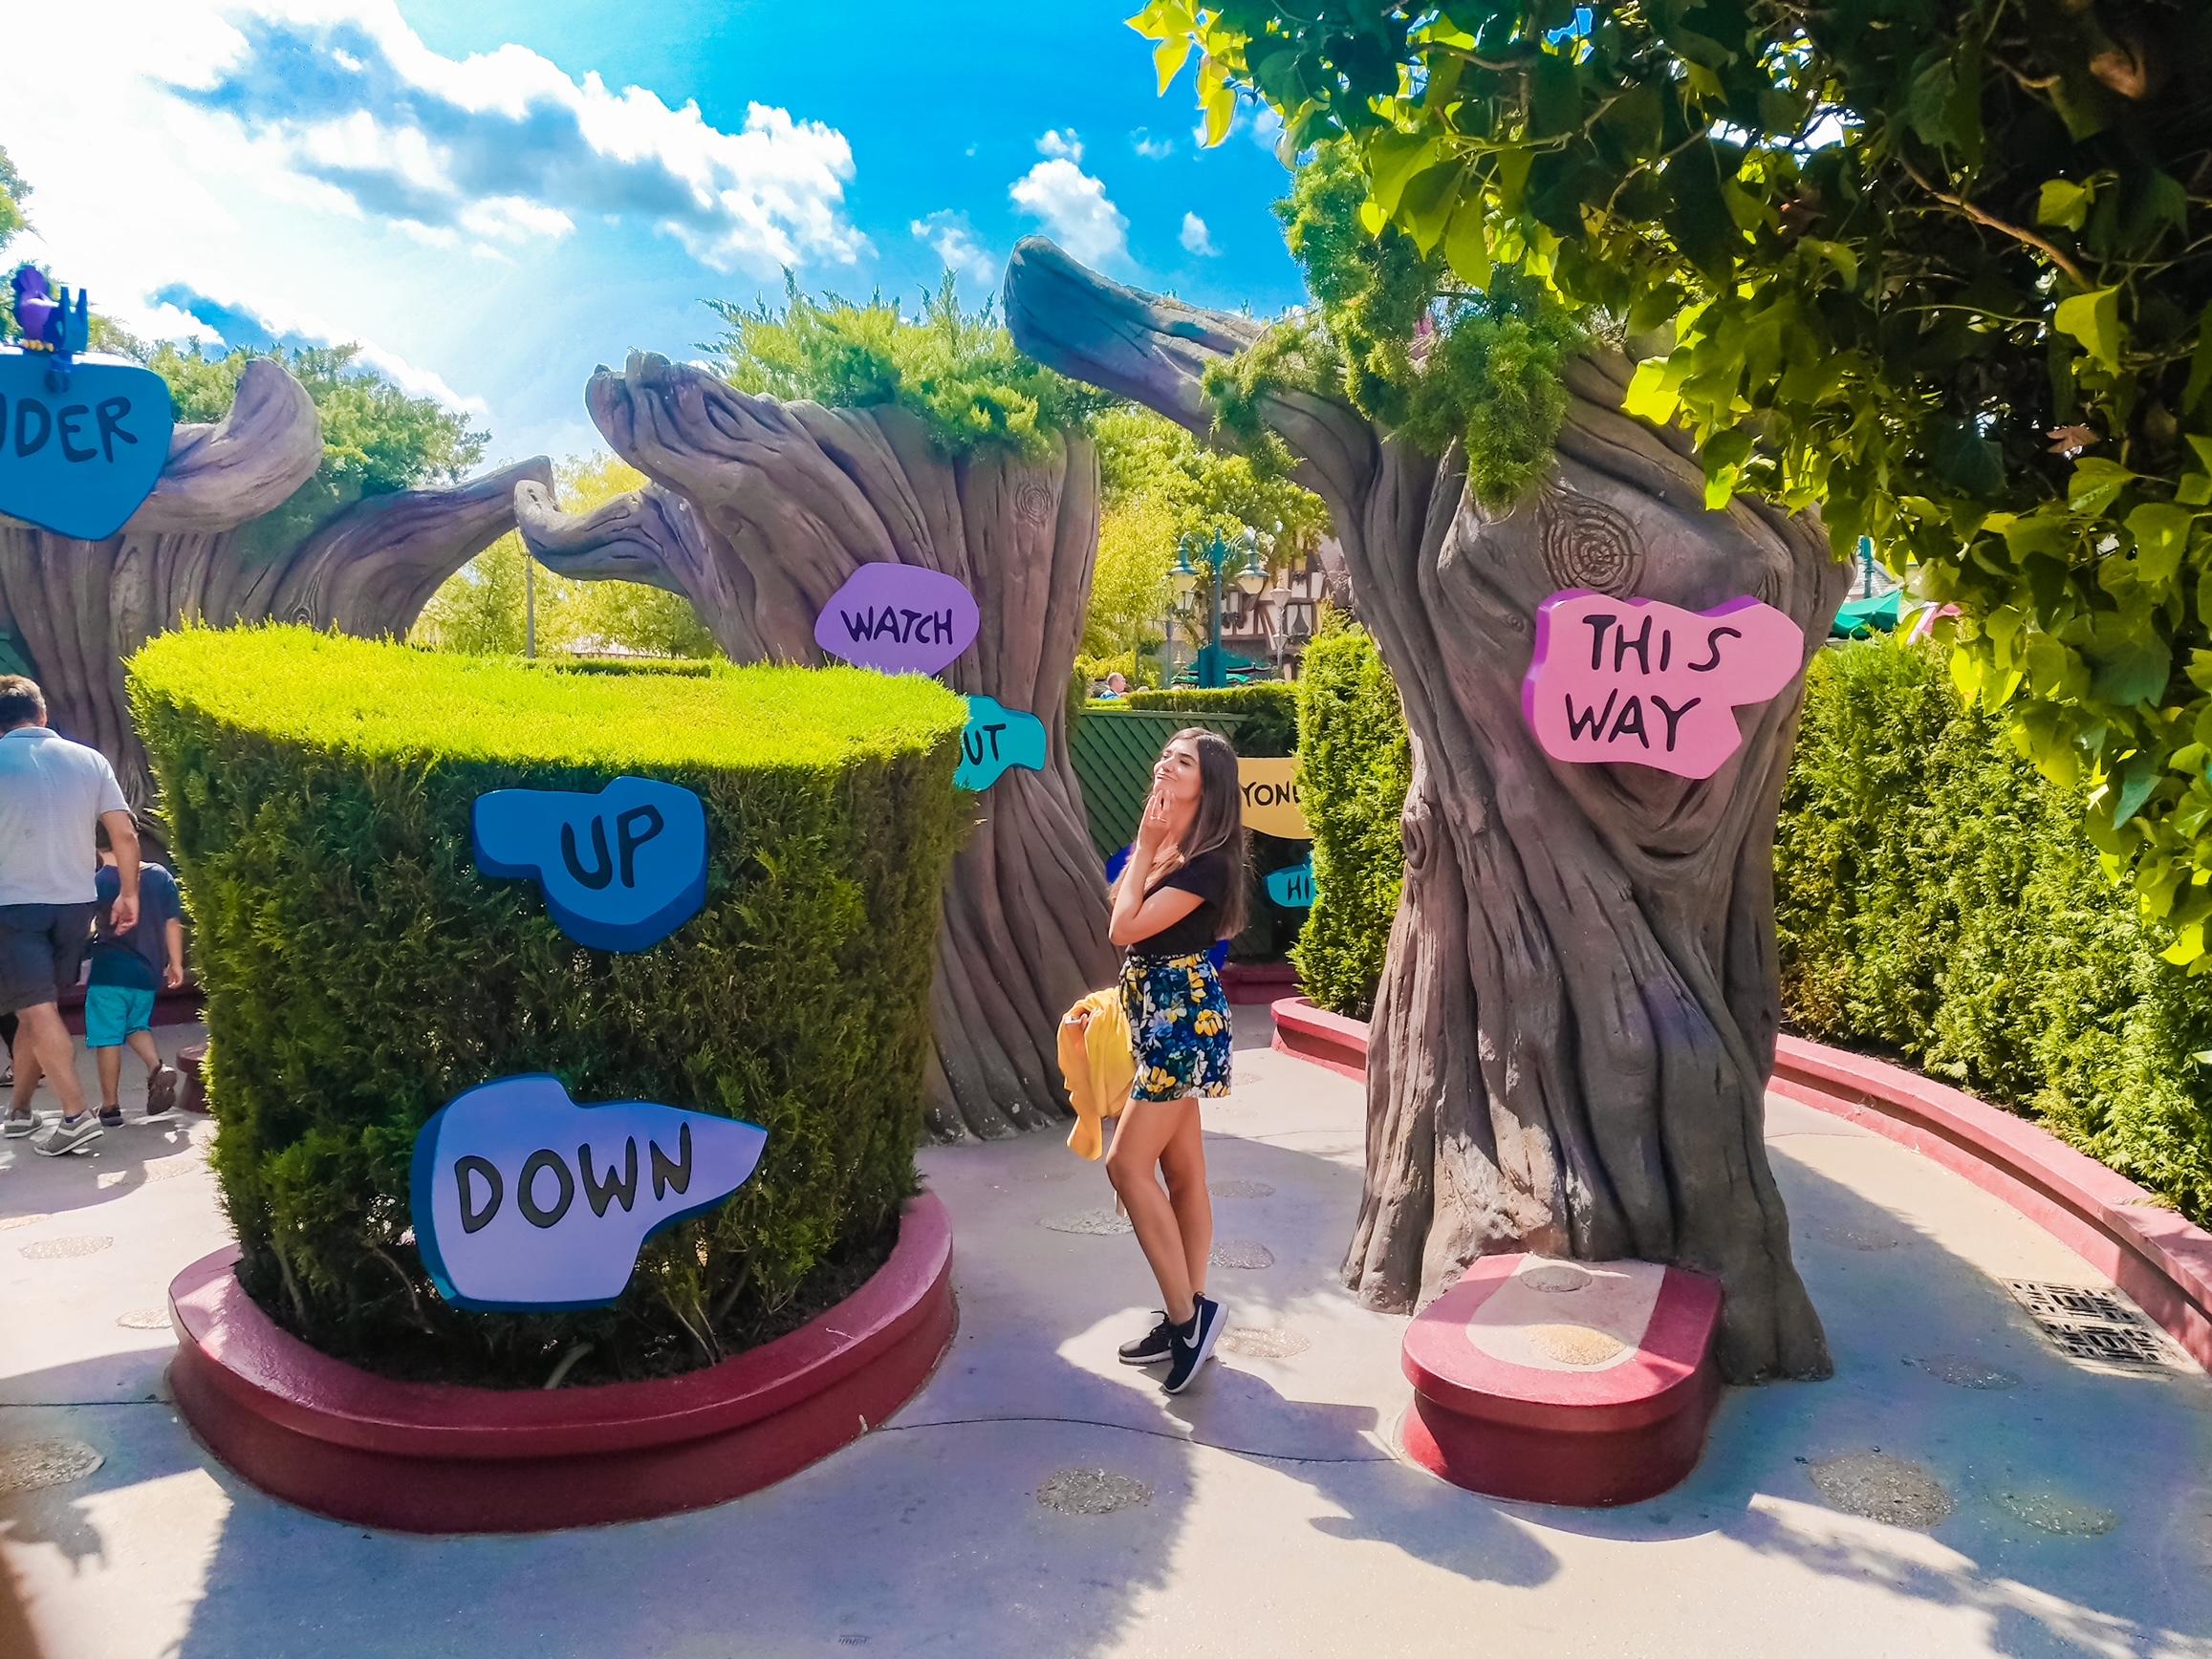 Cosa fare e cosa vedere a Disneyland Paris in un giorno